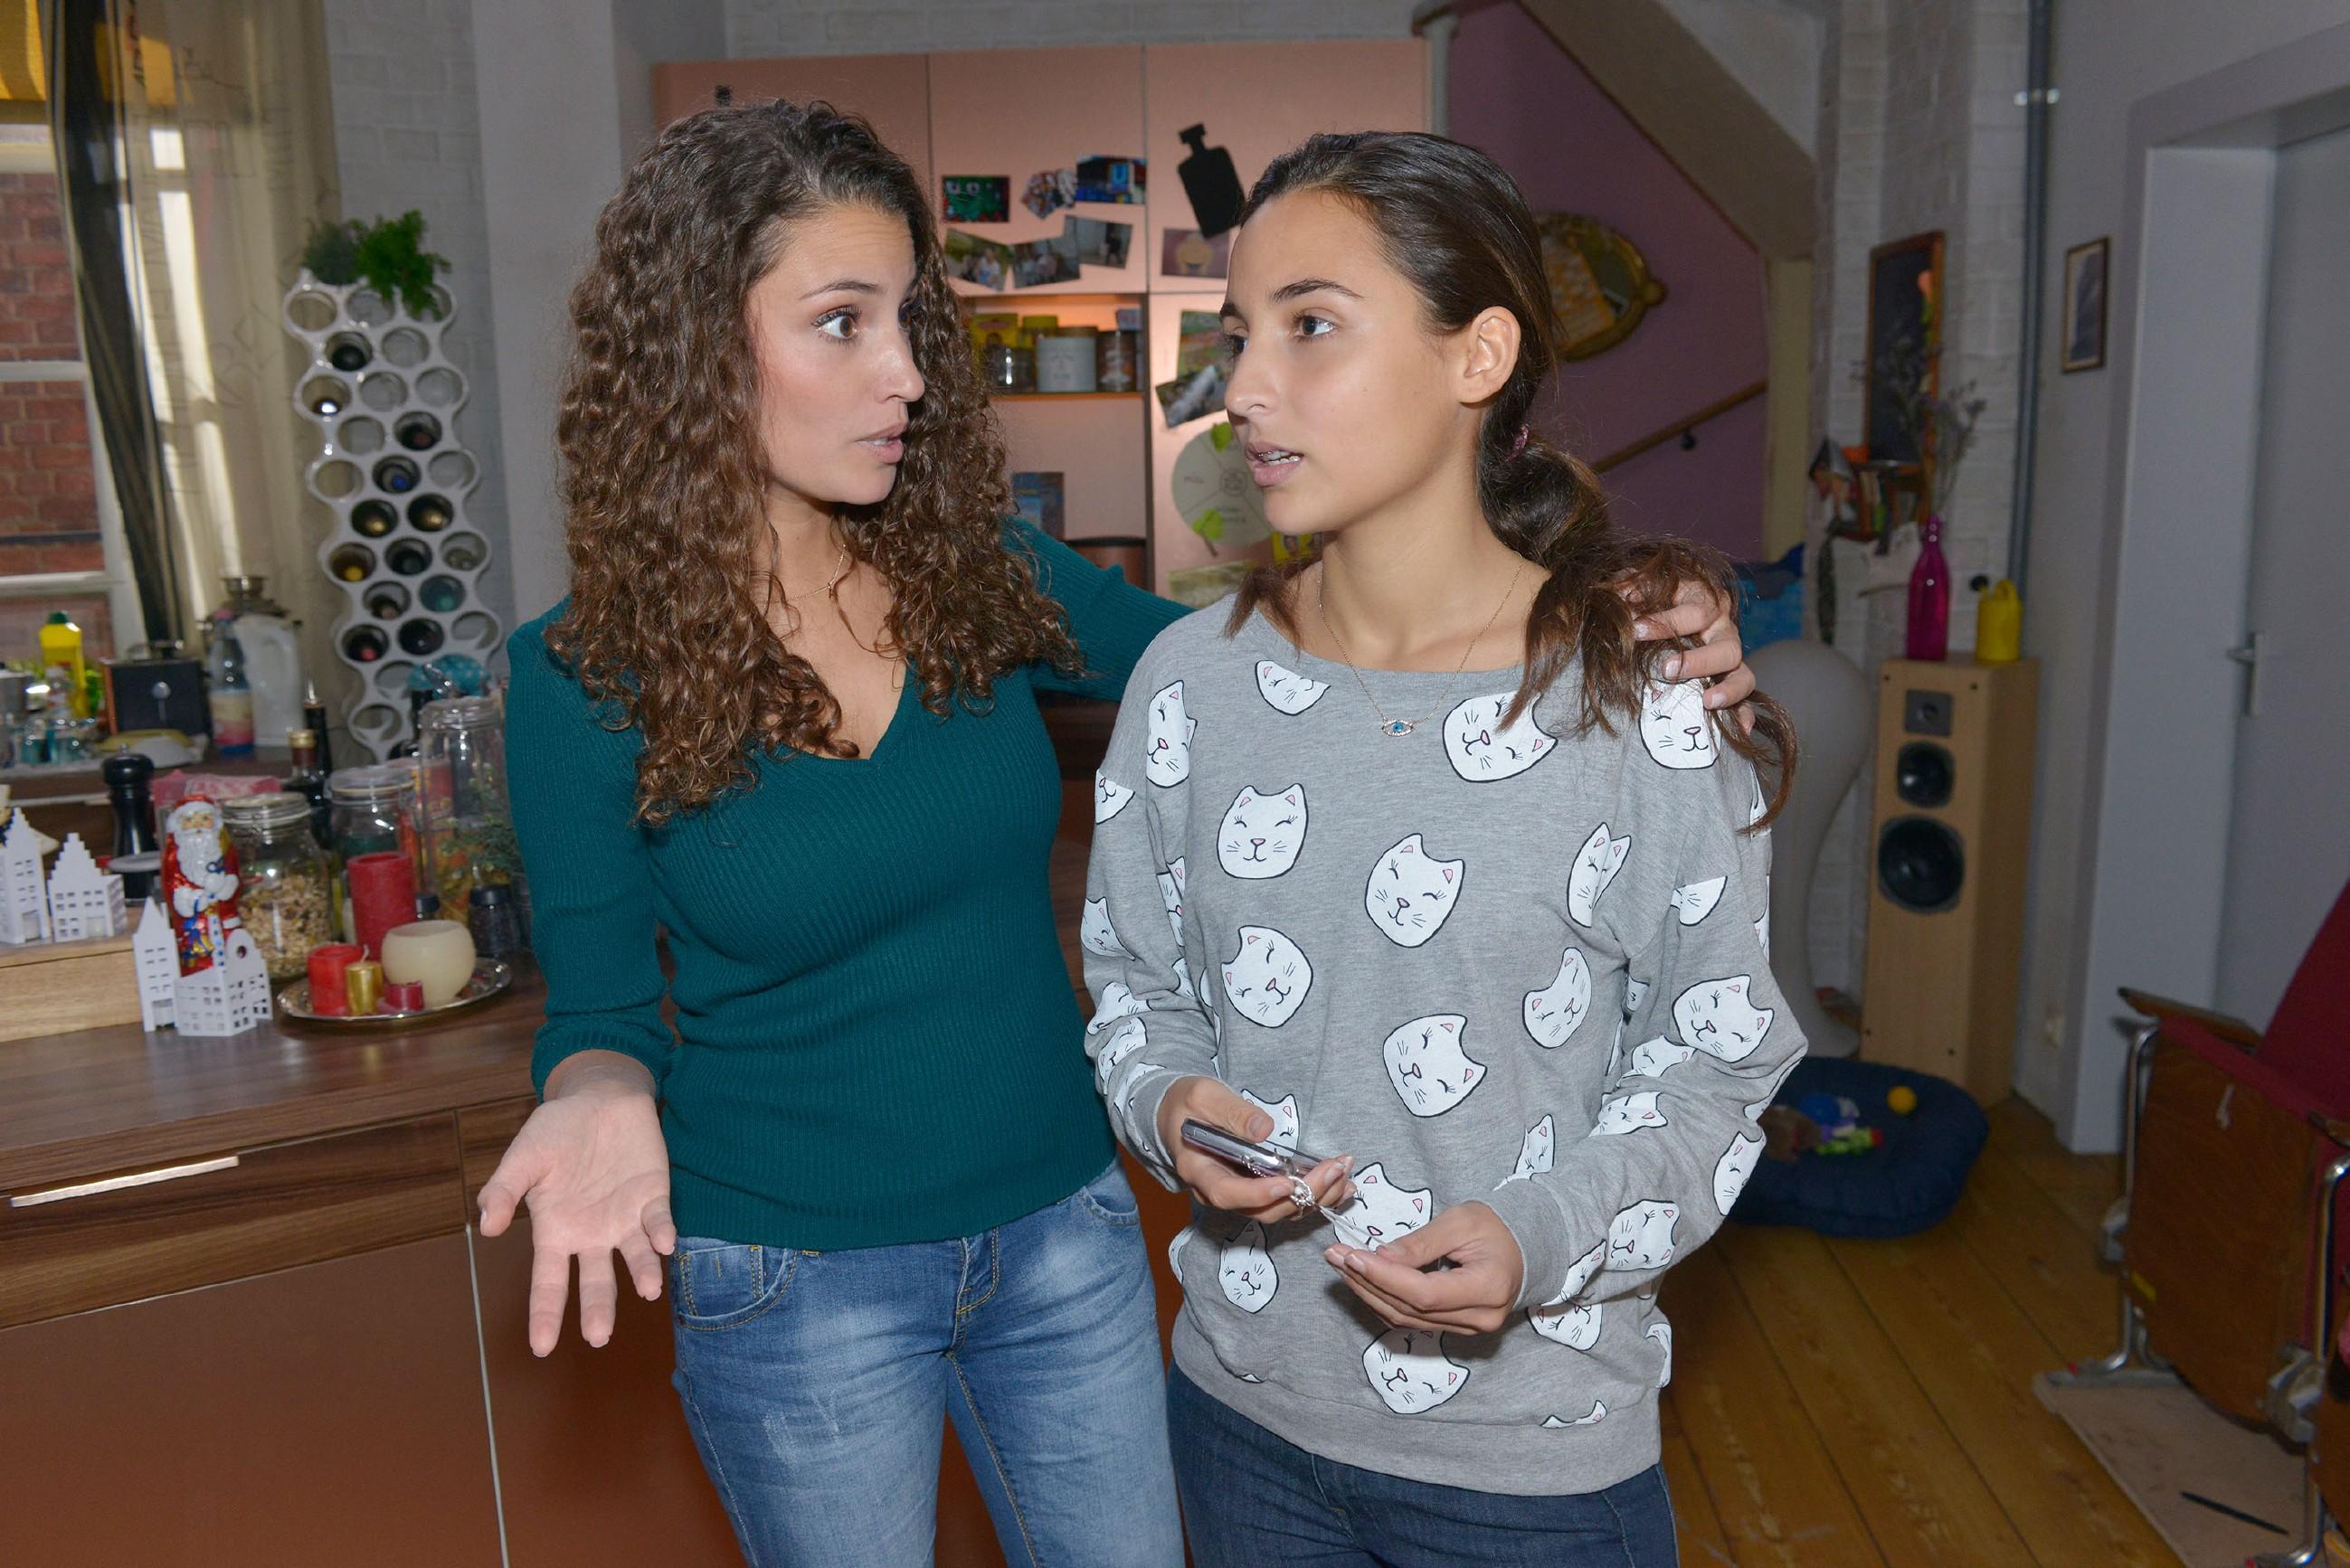 Selma (Rona Özkan, r.) ist bedrückt, weil Jonas auf explorefriends ihre Freundschaftsanfrage nicht annimmt. Zur Ablenkung will Ayla (Nadine Menz) sie mitnehmen, um Weihnachtsvorbereitungen zu erledigen. (Quelle: RTL / Rolf Baumgartner)